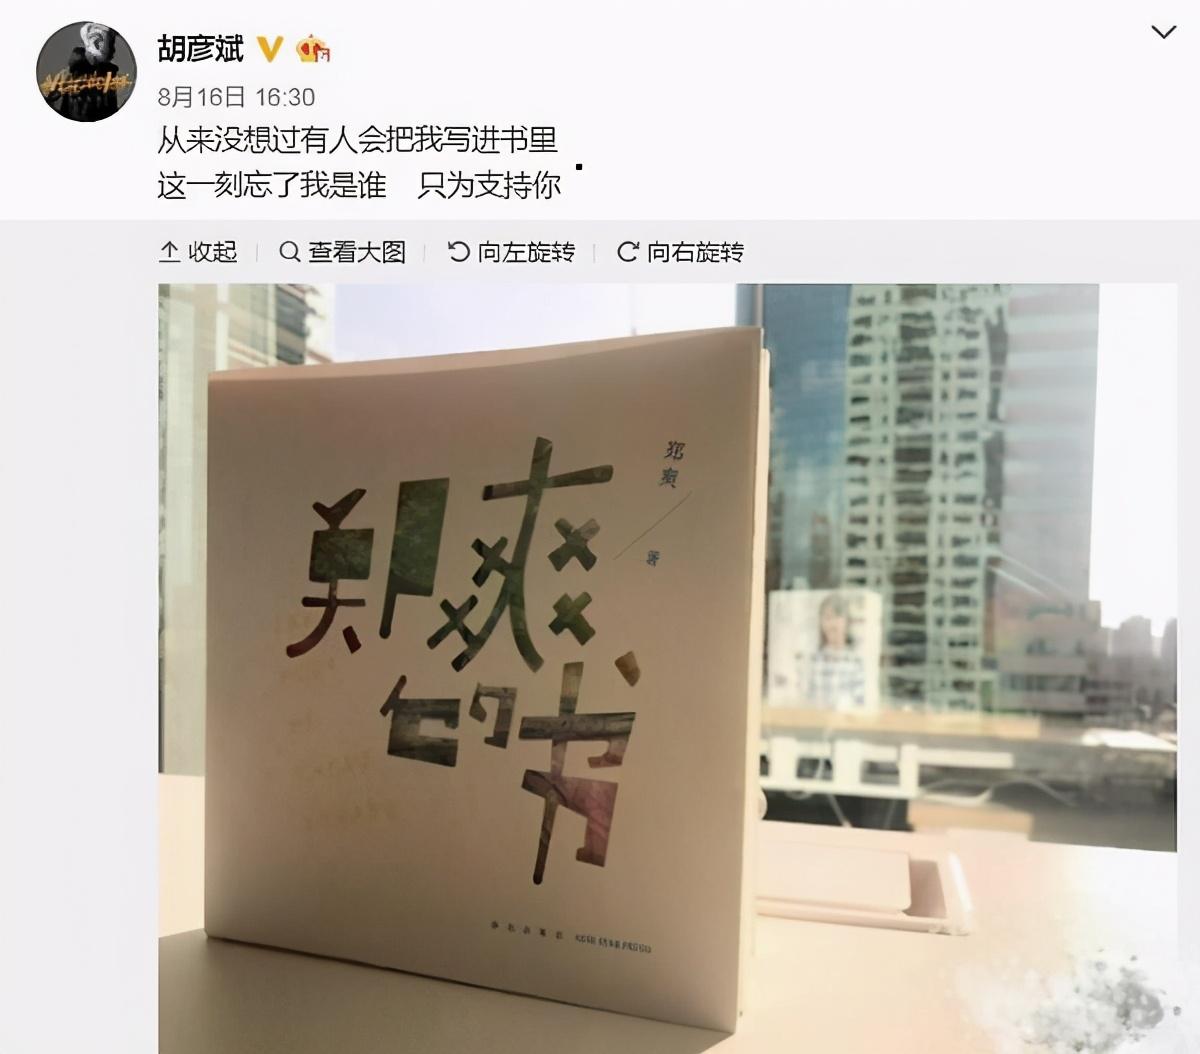 郑爽向金晨道歉又删除,她这口无遮拦可怎么混娱乐圈啊